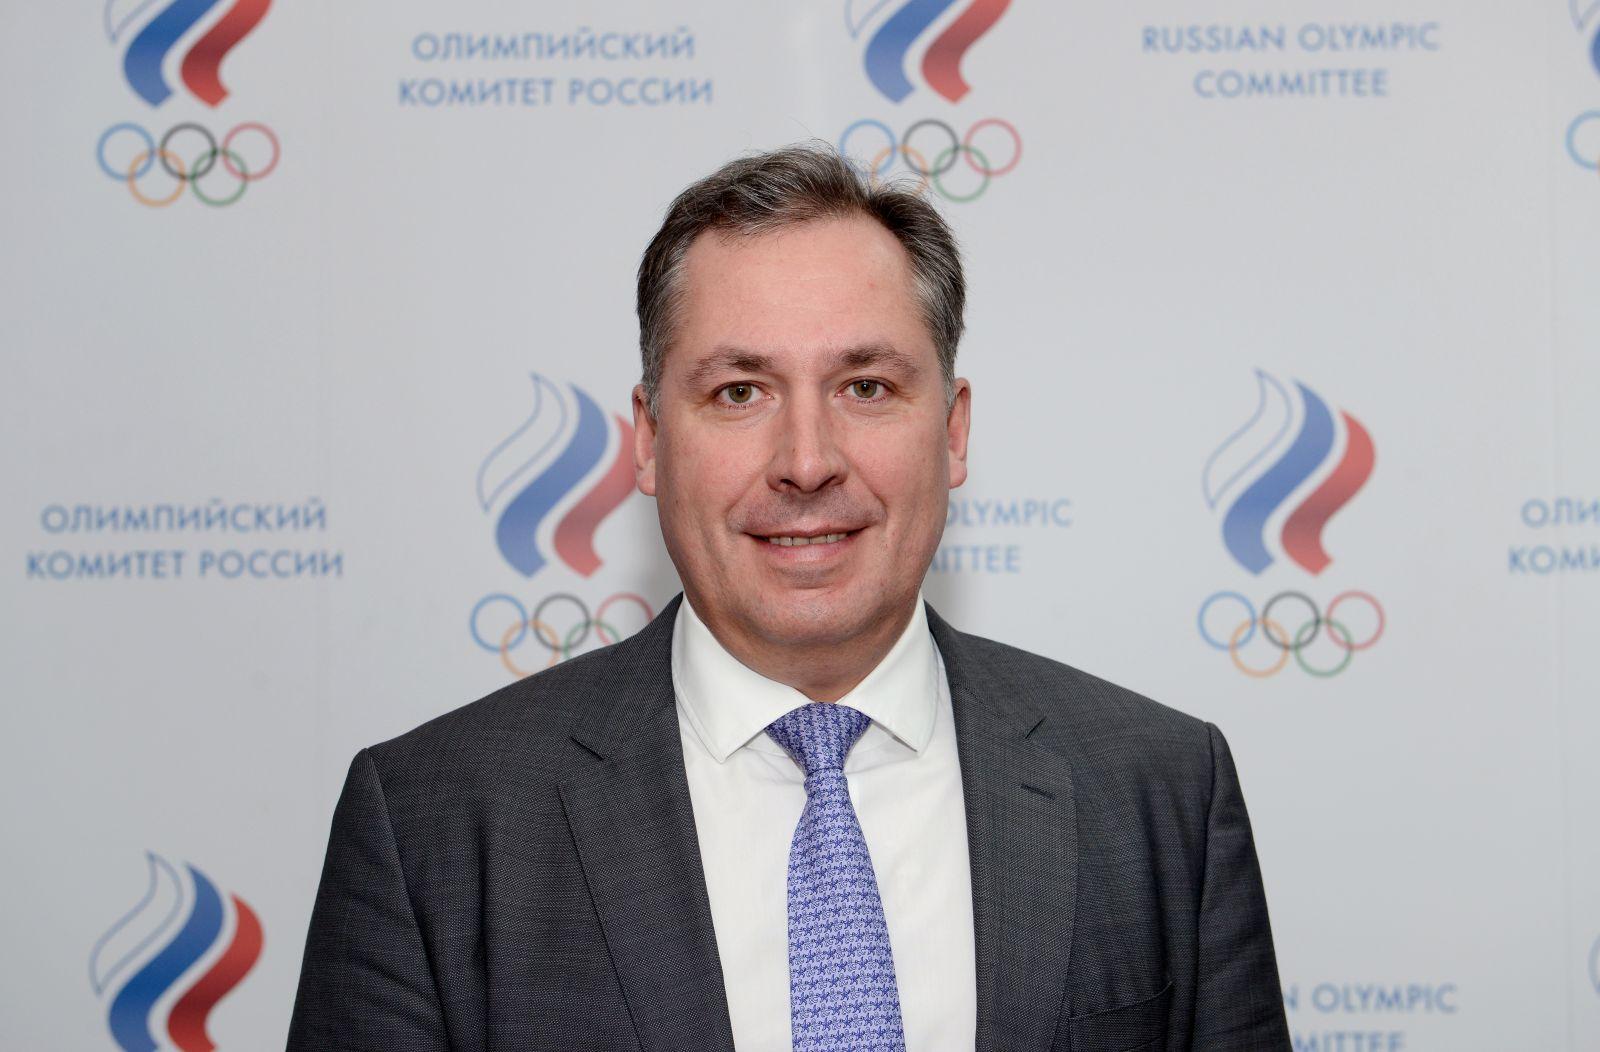 Президент ПКР В.П. Лукин поздравил С.А. Позднякова с избранием на должность президента Олимпийского комитета России